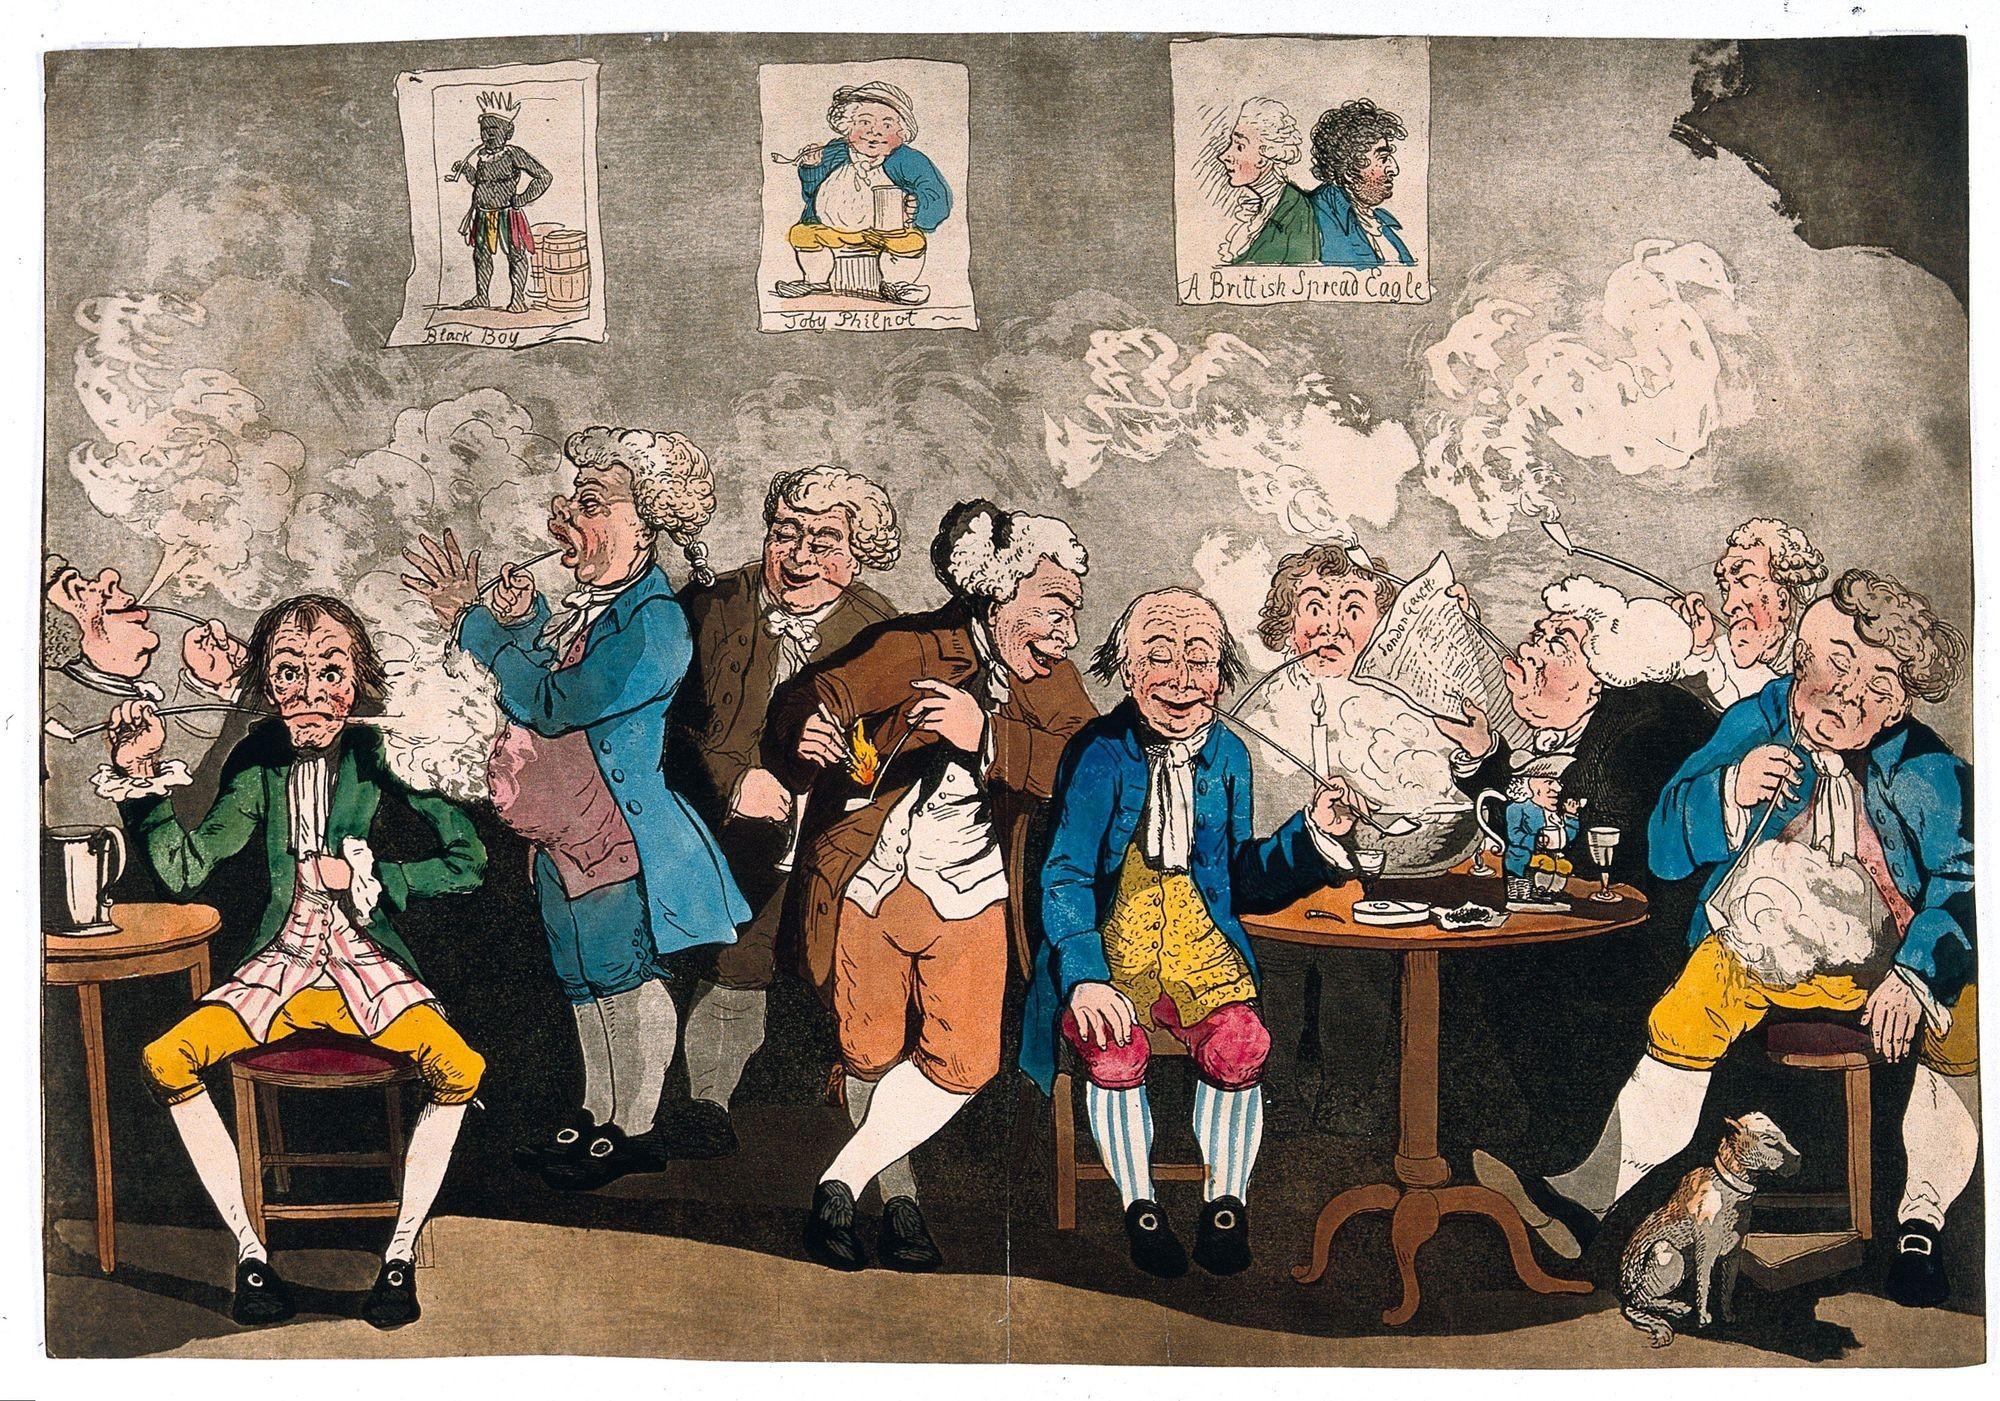 Anonyme, d'après G. M. Woodward, Un club de gentlemen anglais fumant et lisant les journaux, v. 1784, gravure à l'eauforte colorée